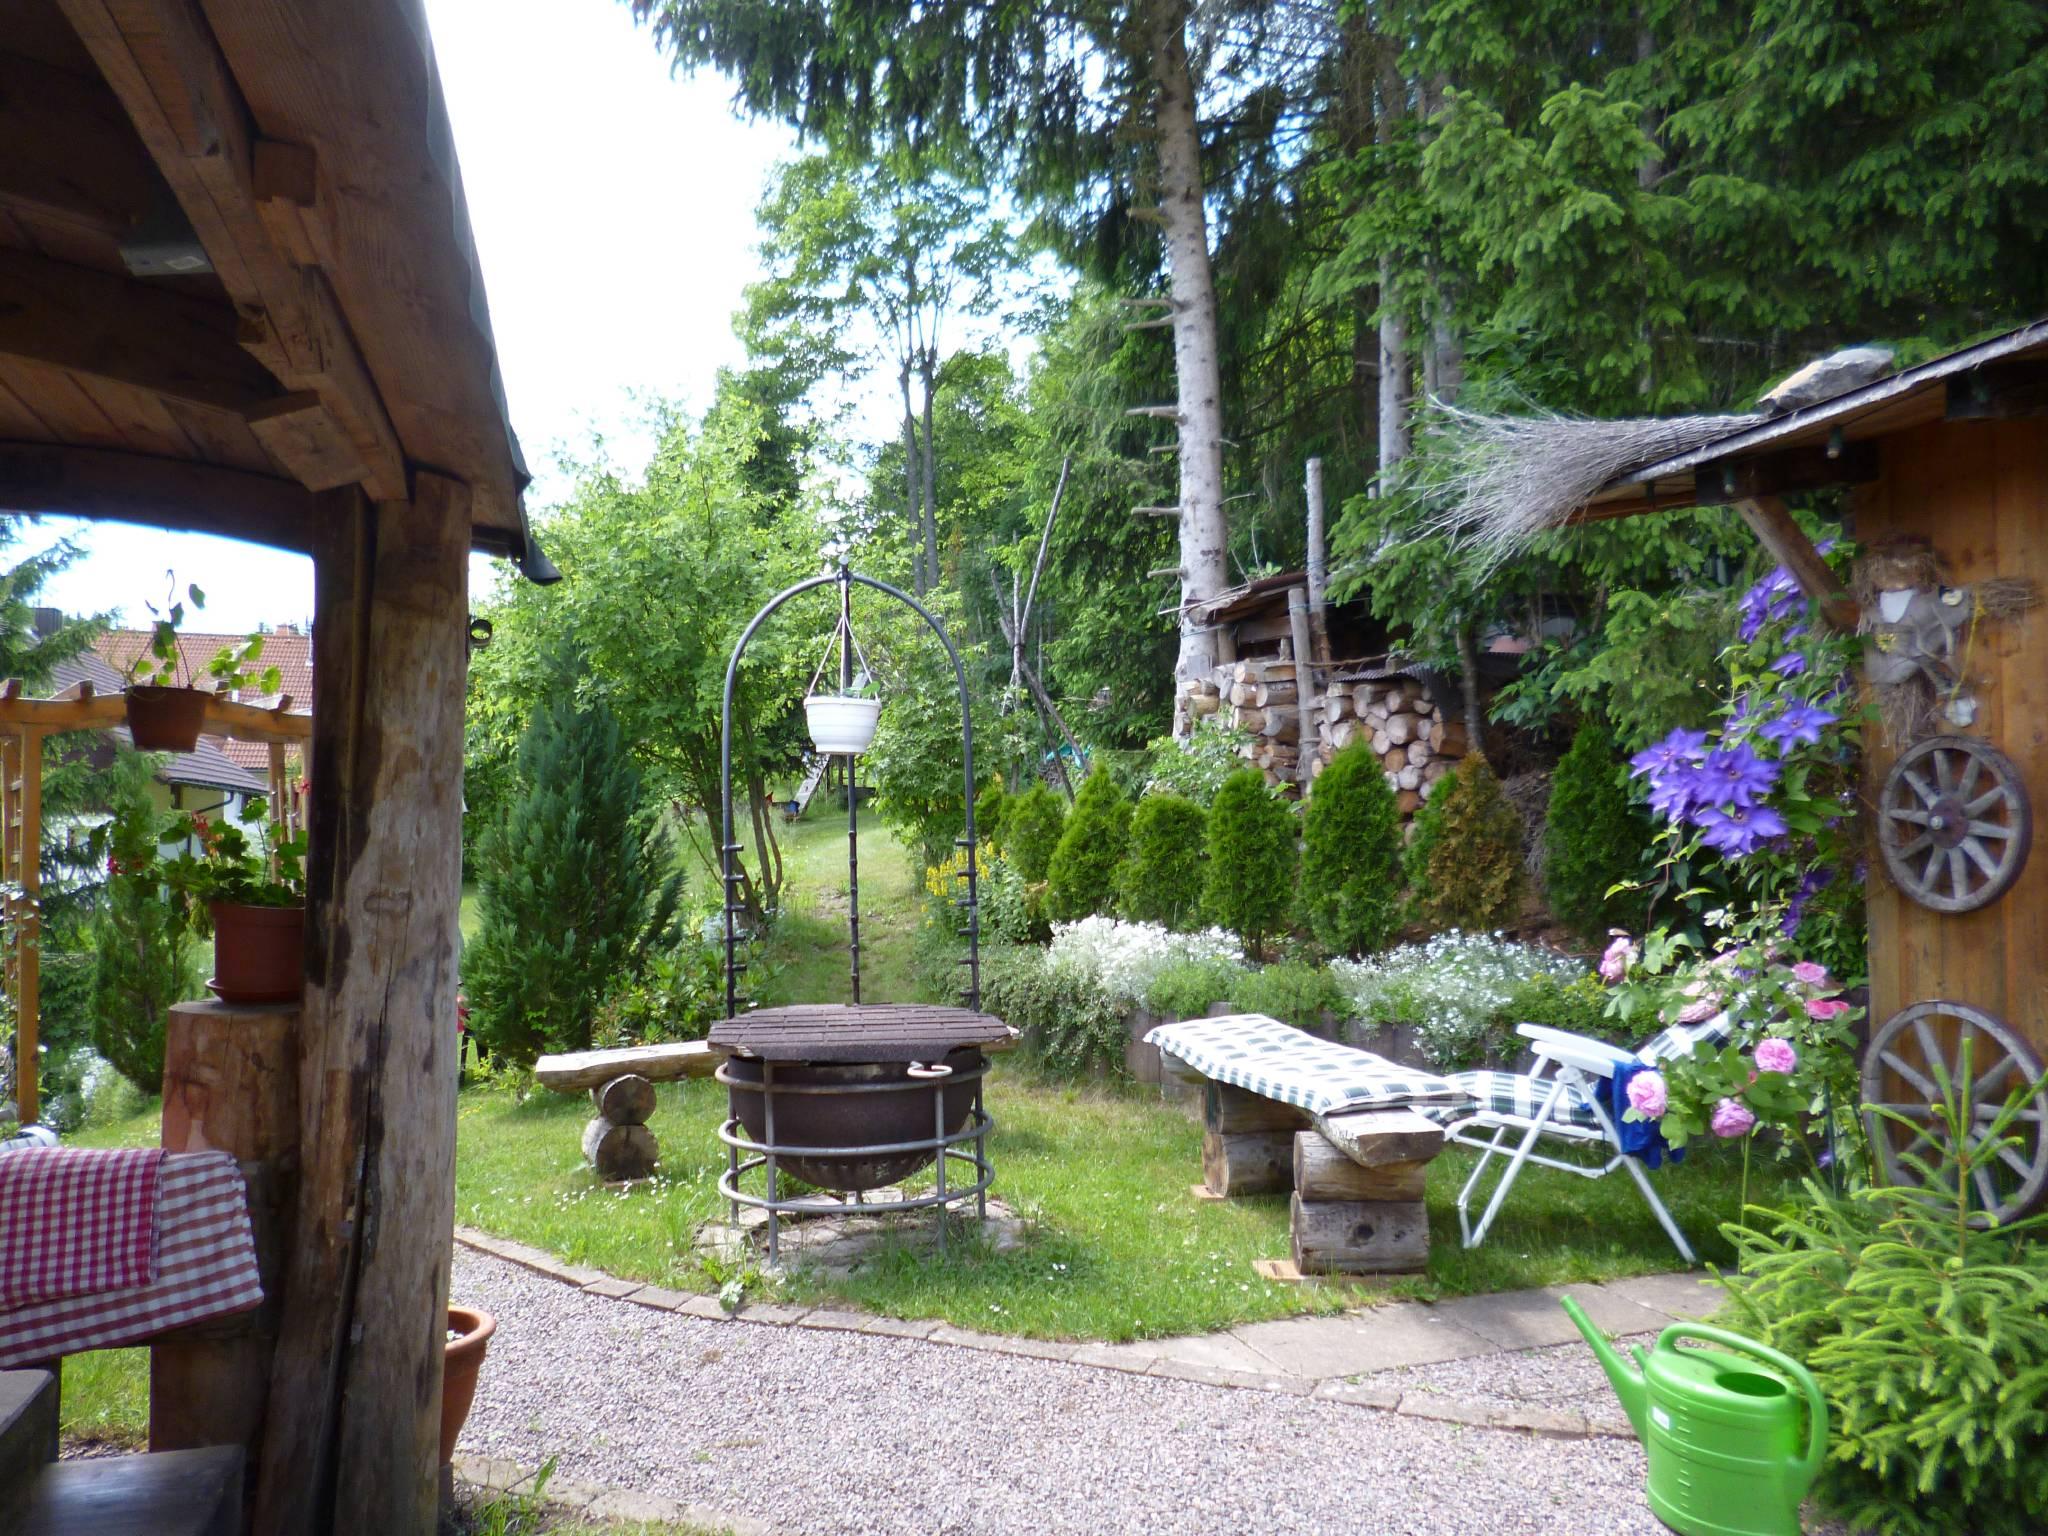 Full Size of Haus Schwarz In Friedenweiler Baden Wrttemberg Pavillon Garten Trennwände Beistelltisch Schwimmingpool Für Den Kugelleuchte Liegestuhl Stapelstühle Wohnzimmer Grillstelle Garten